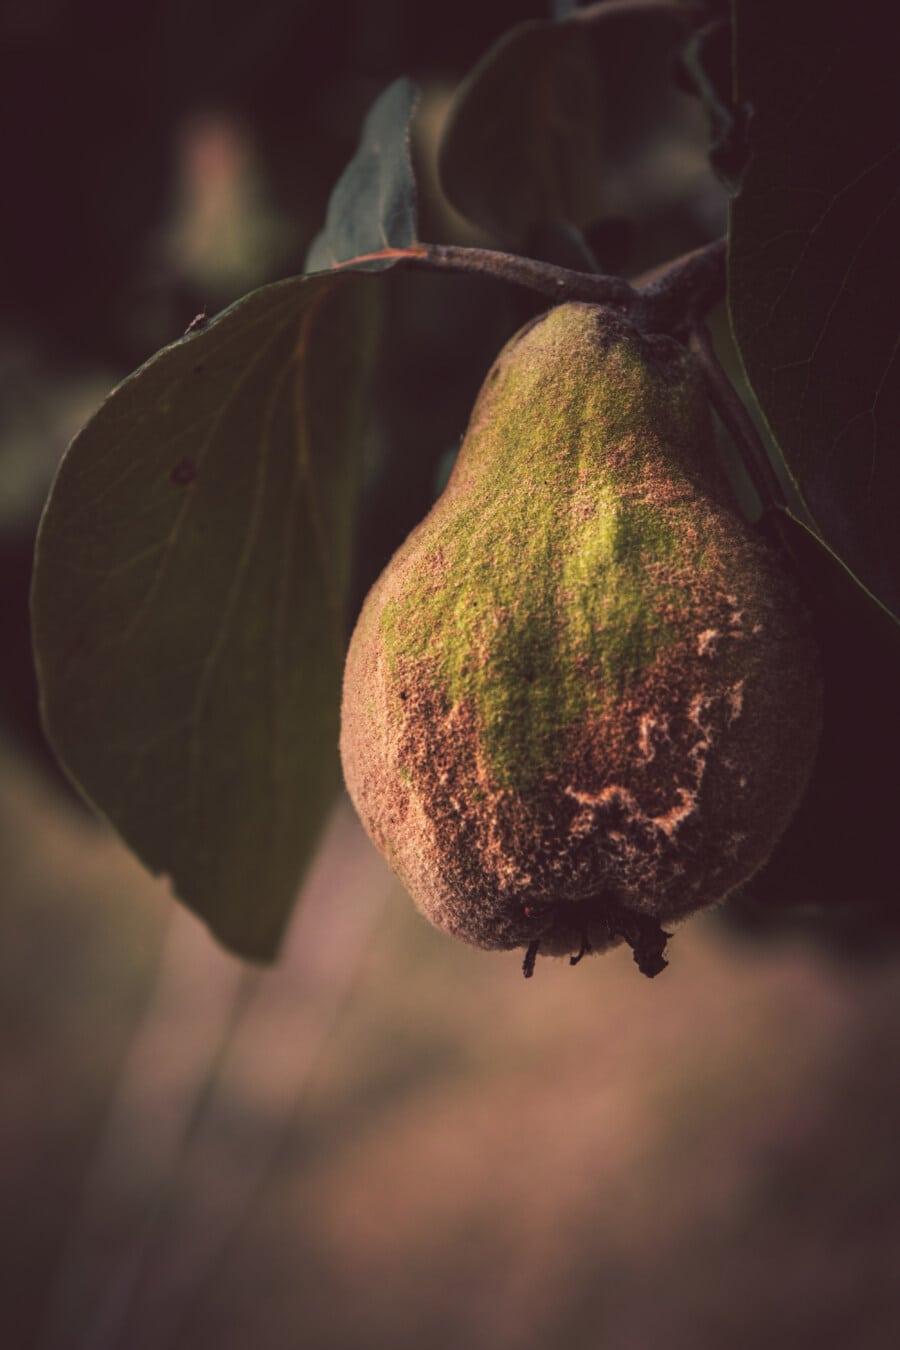 Quitte, Bio, Obst, frisch, Antioxidans, Obstbaum, aus nächster Nähe, Produkte, Blatt, Struktur